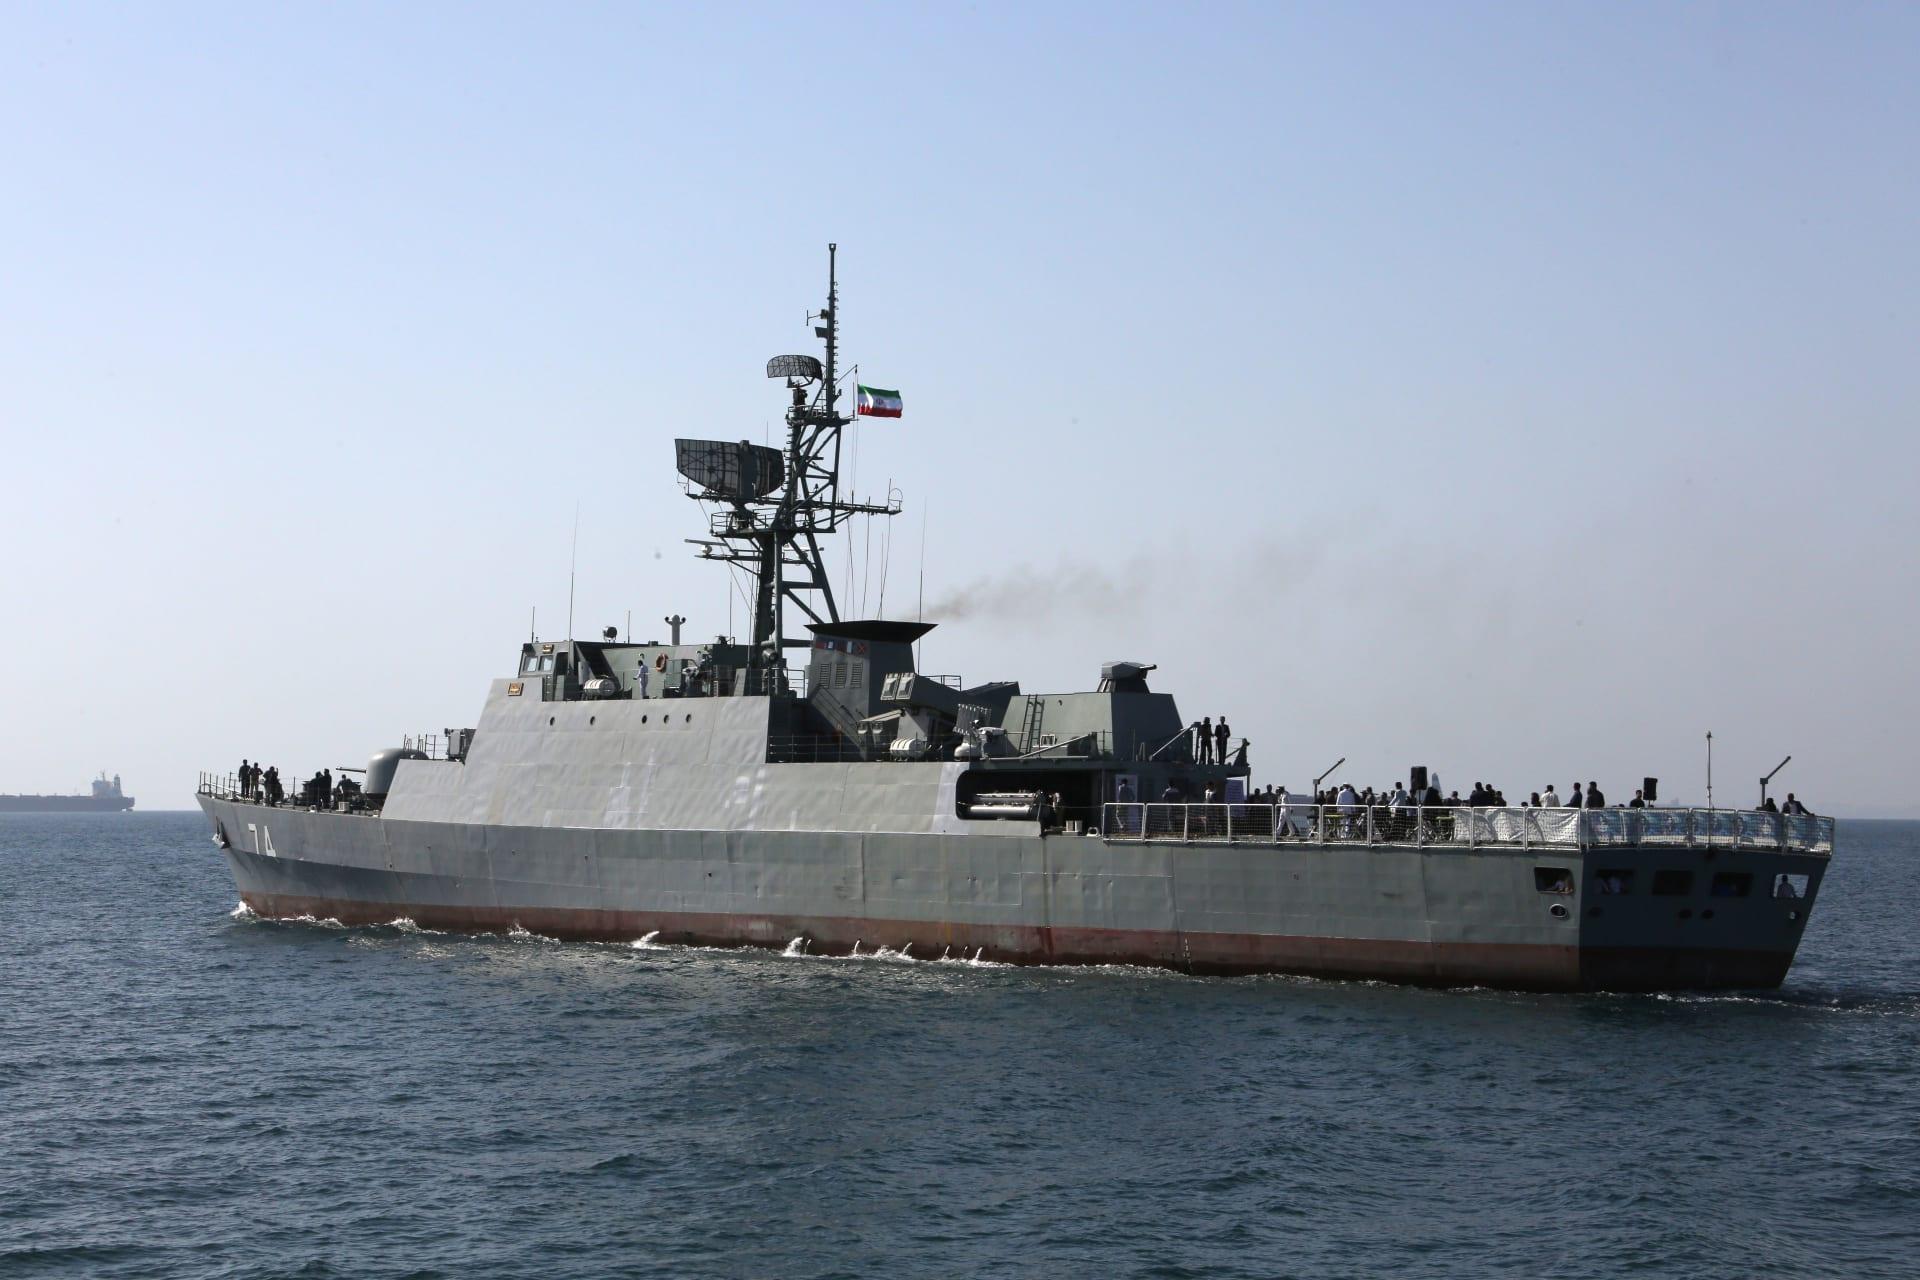 سفينة حربية تابعة للبحرية الإيرانية في مضيق هرمز، في 30 أبريل 2019 - صورة أرشيفية